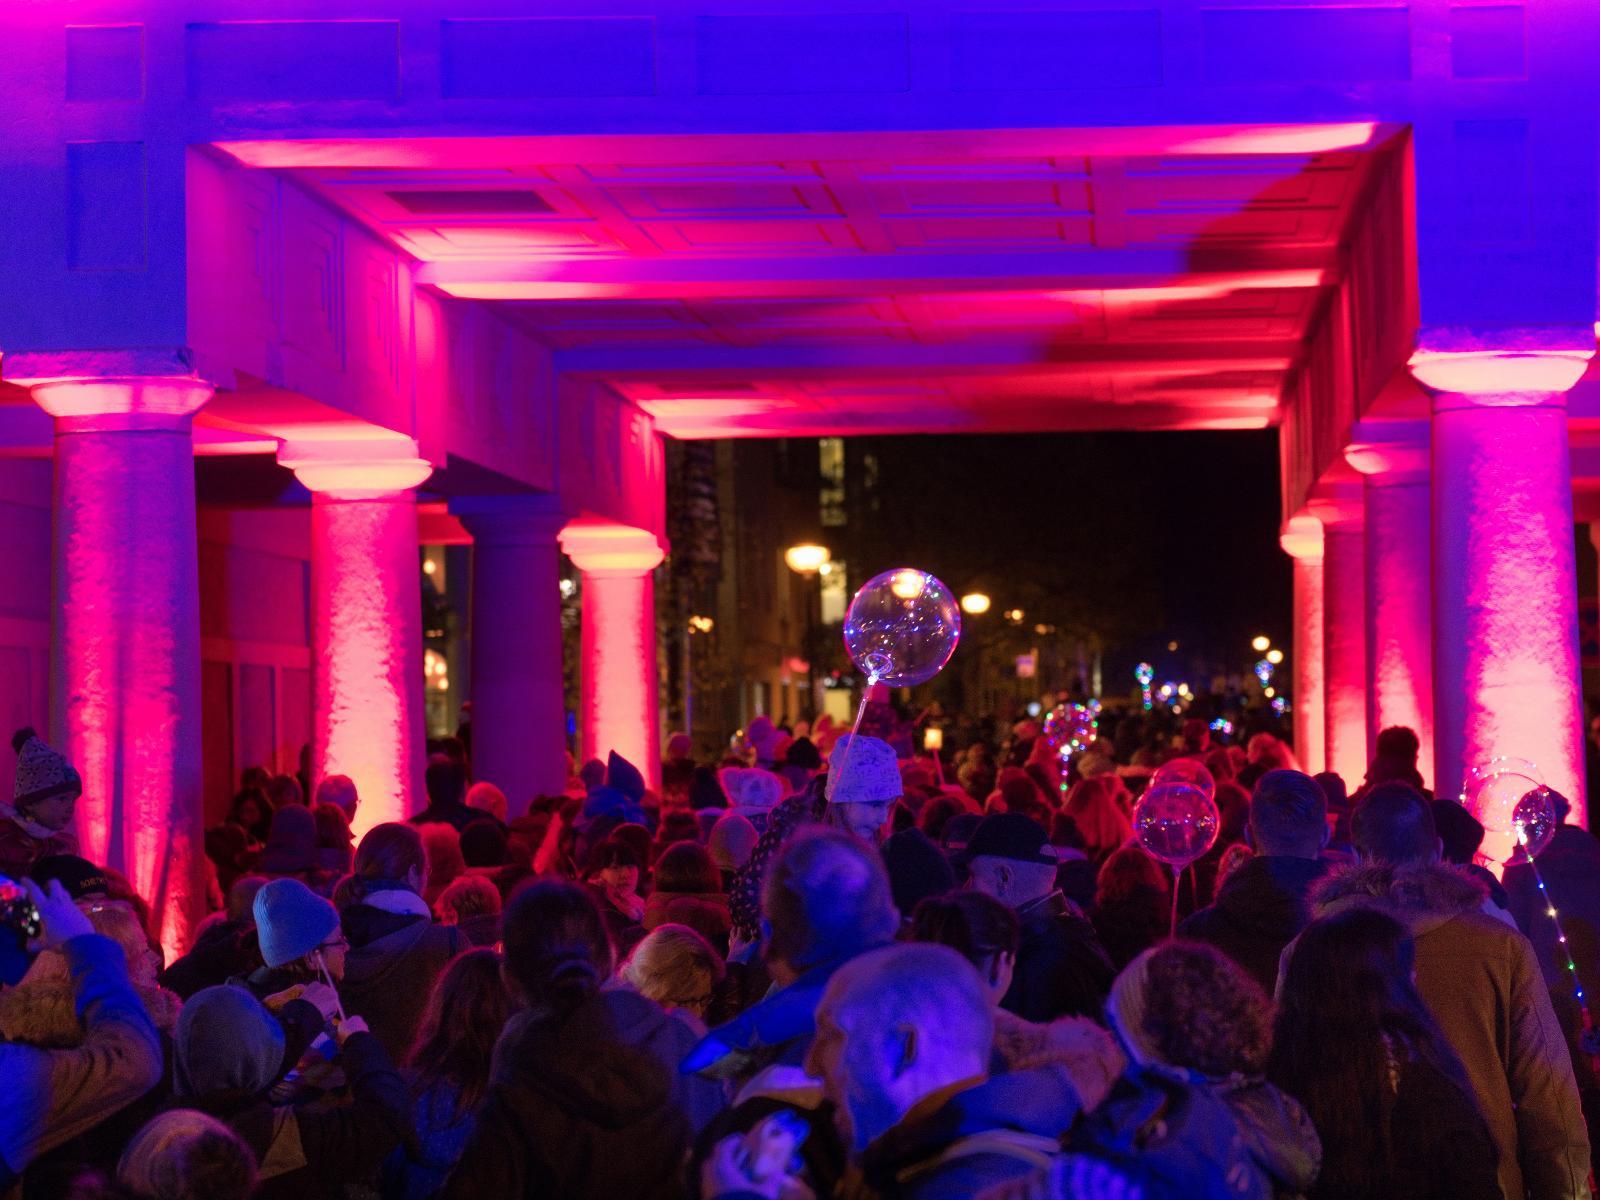 Um kurz vor 18 Uhr marschierte der Laternenumzug dann mit viele Getöse und Licht durch das Schwaansche Tor